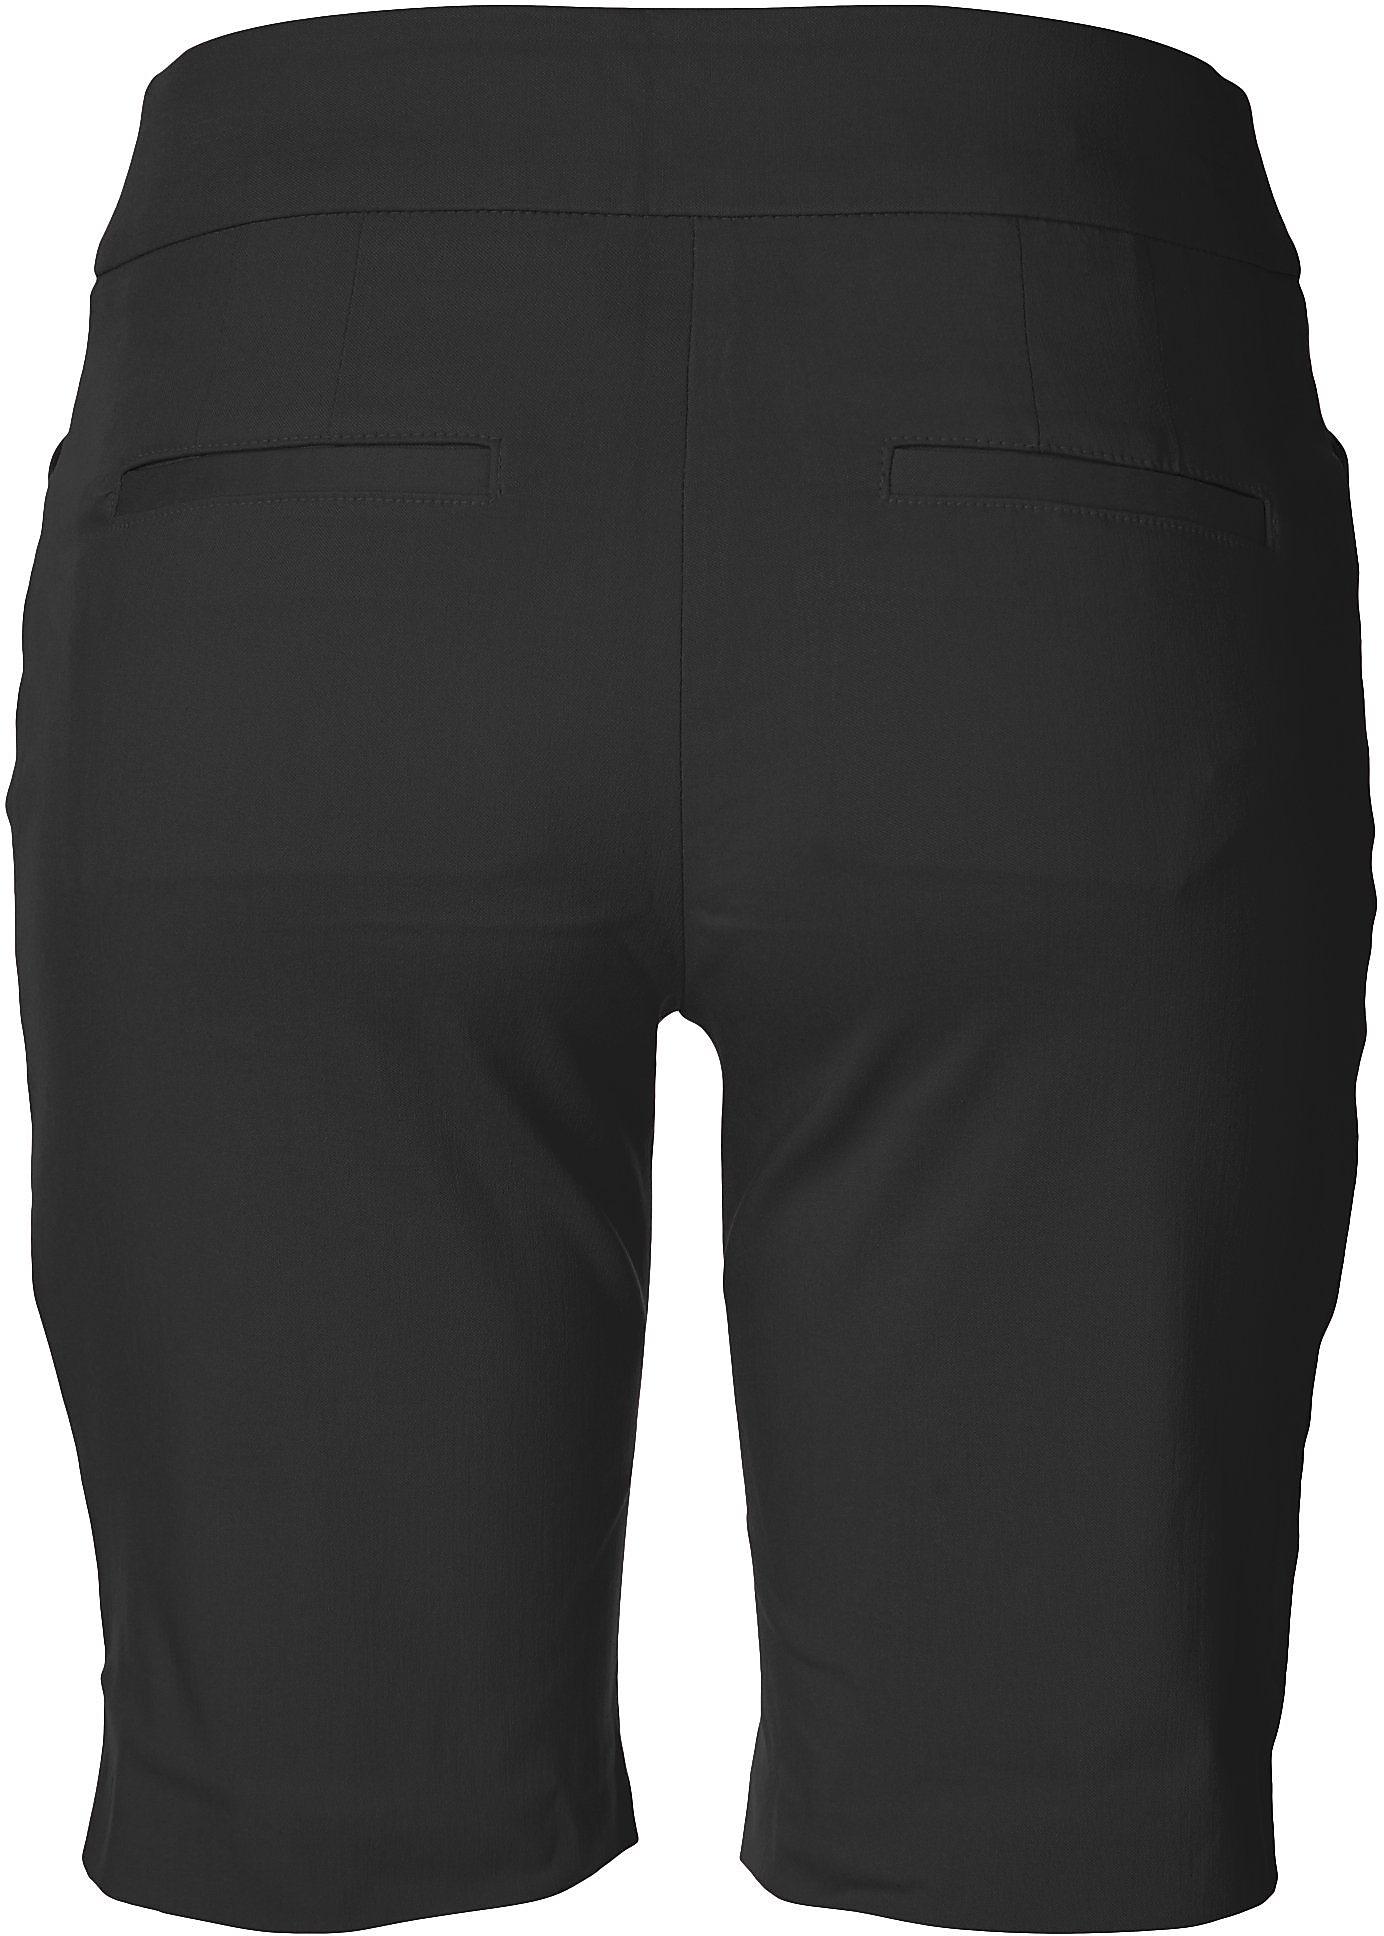 thumbnail 4 - ATTYRE Womens Solid Bermuda Shorts